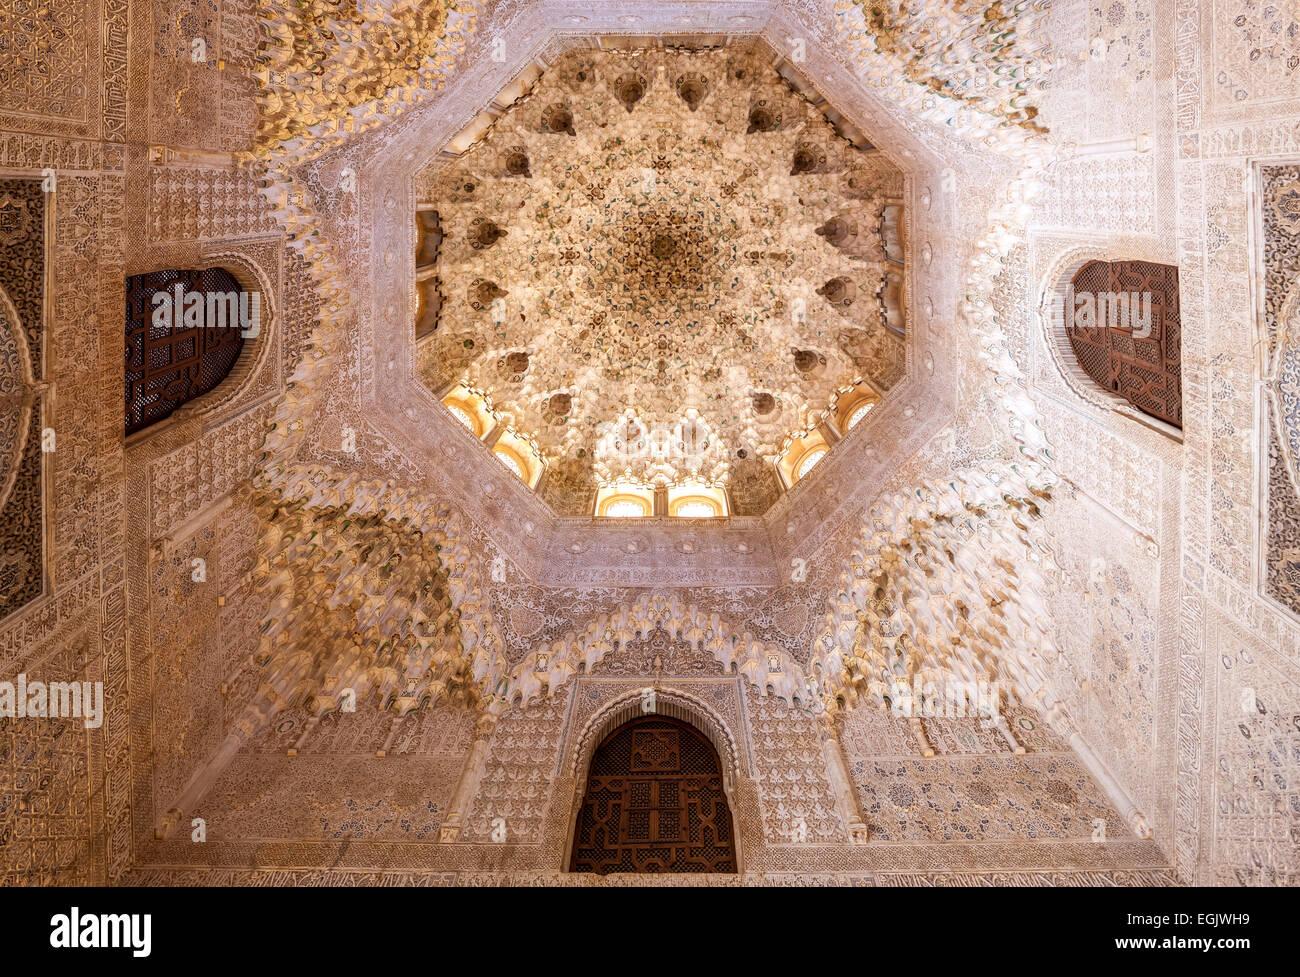 Alhambra Granada Spanien. Kuppel mit dekorierten gewölbten Stalaktiten, die Decke im Saal der zwei Schwestern Stockbild